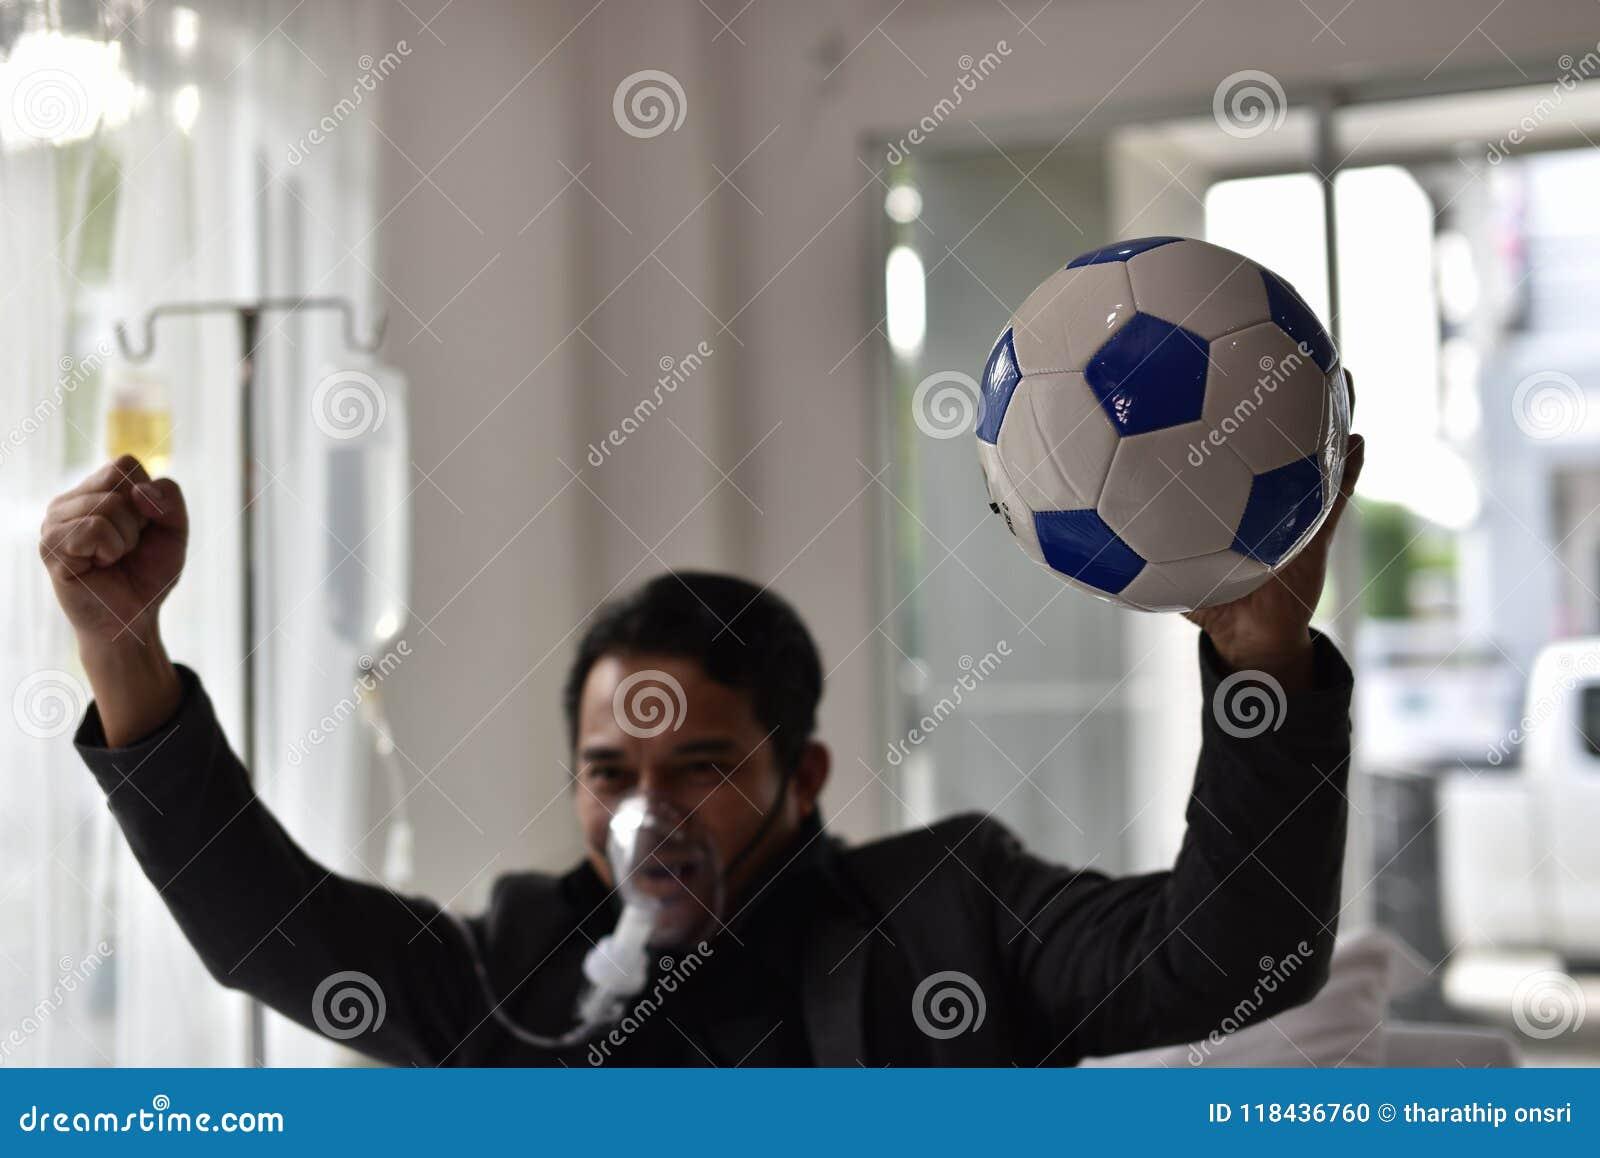 Os homens de negócios ainda têm um elogio para o futebol